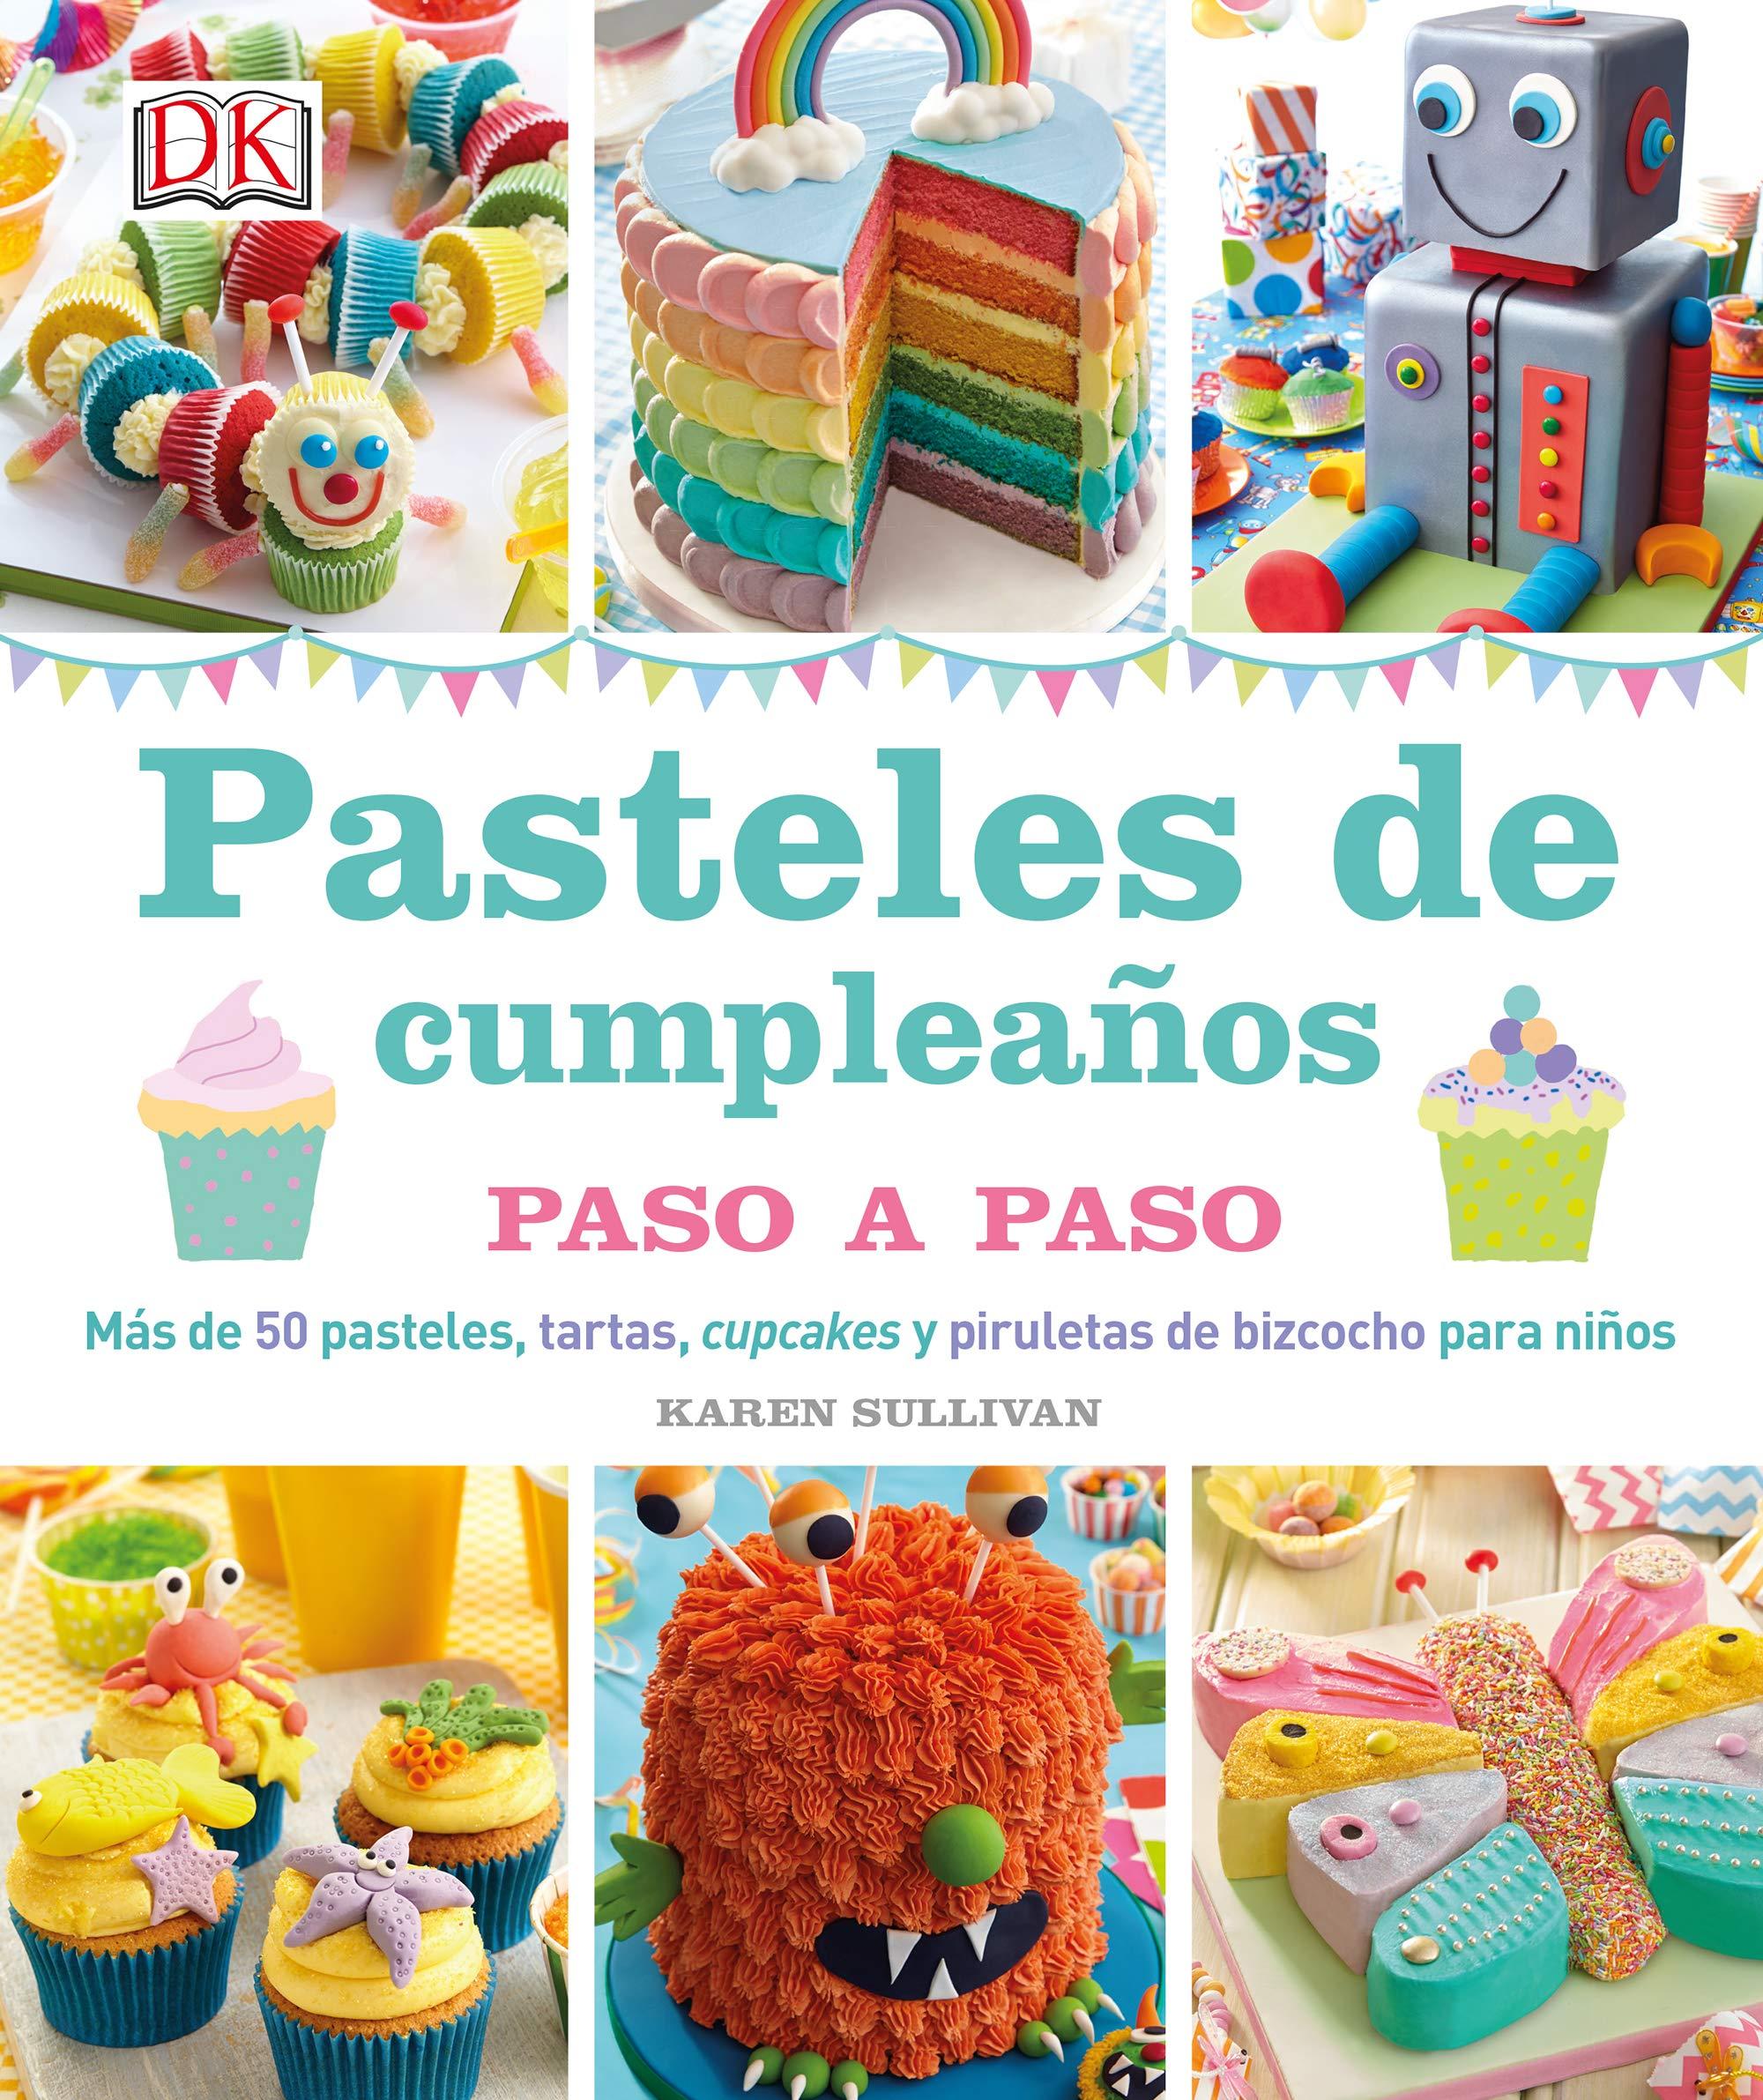 Pasteles de cumpleaños paso a paso: AA.VV.: 9780241197103 ...